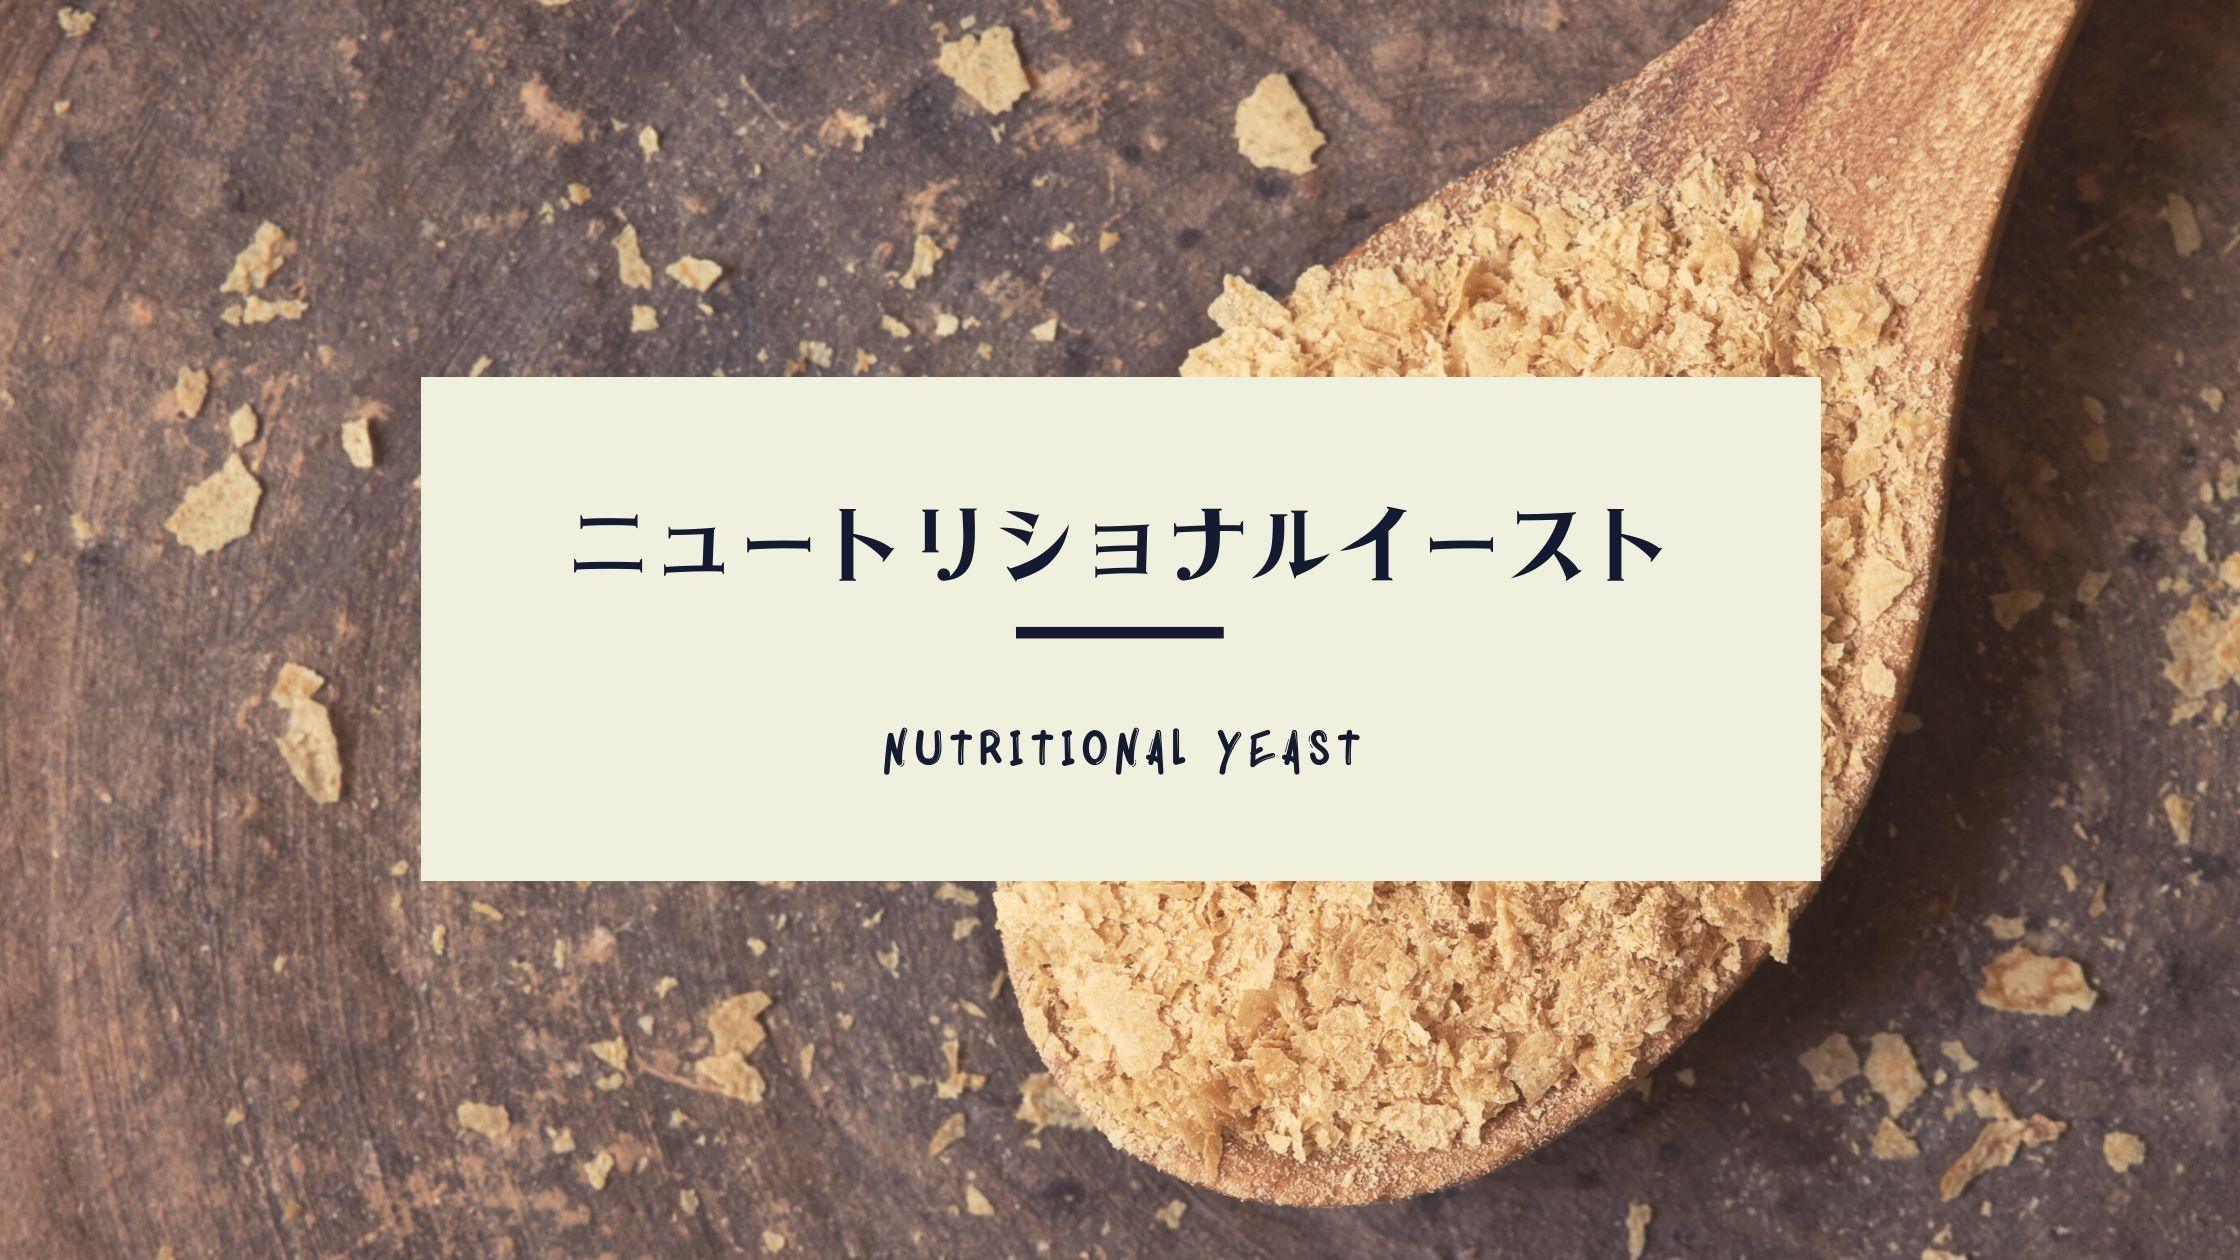 ニュートリショナルイースト ヴィーガン ベジタリアン 栄養 効果 効能 メリット ビタミン B12 おすすめ 菜食